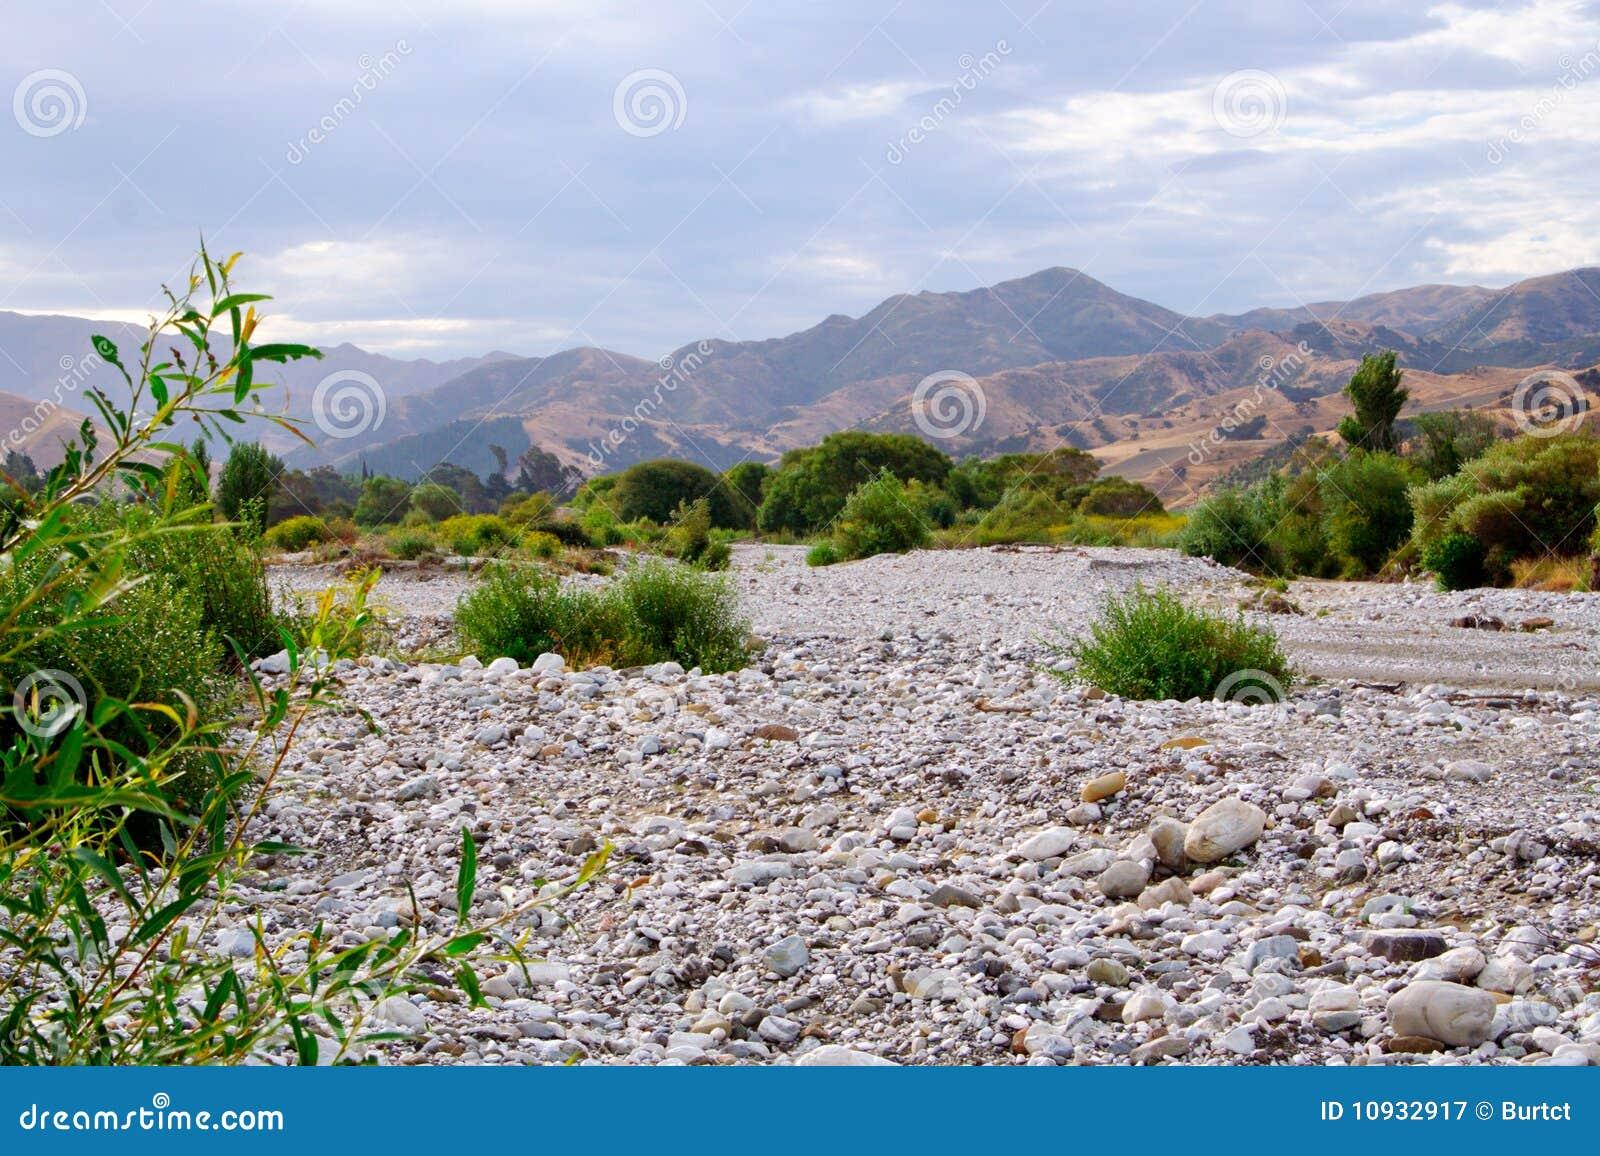 река кровати сухое